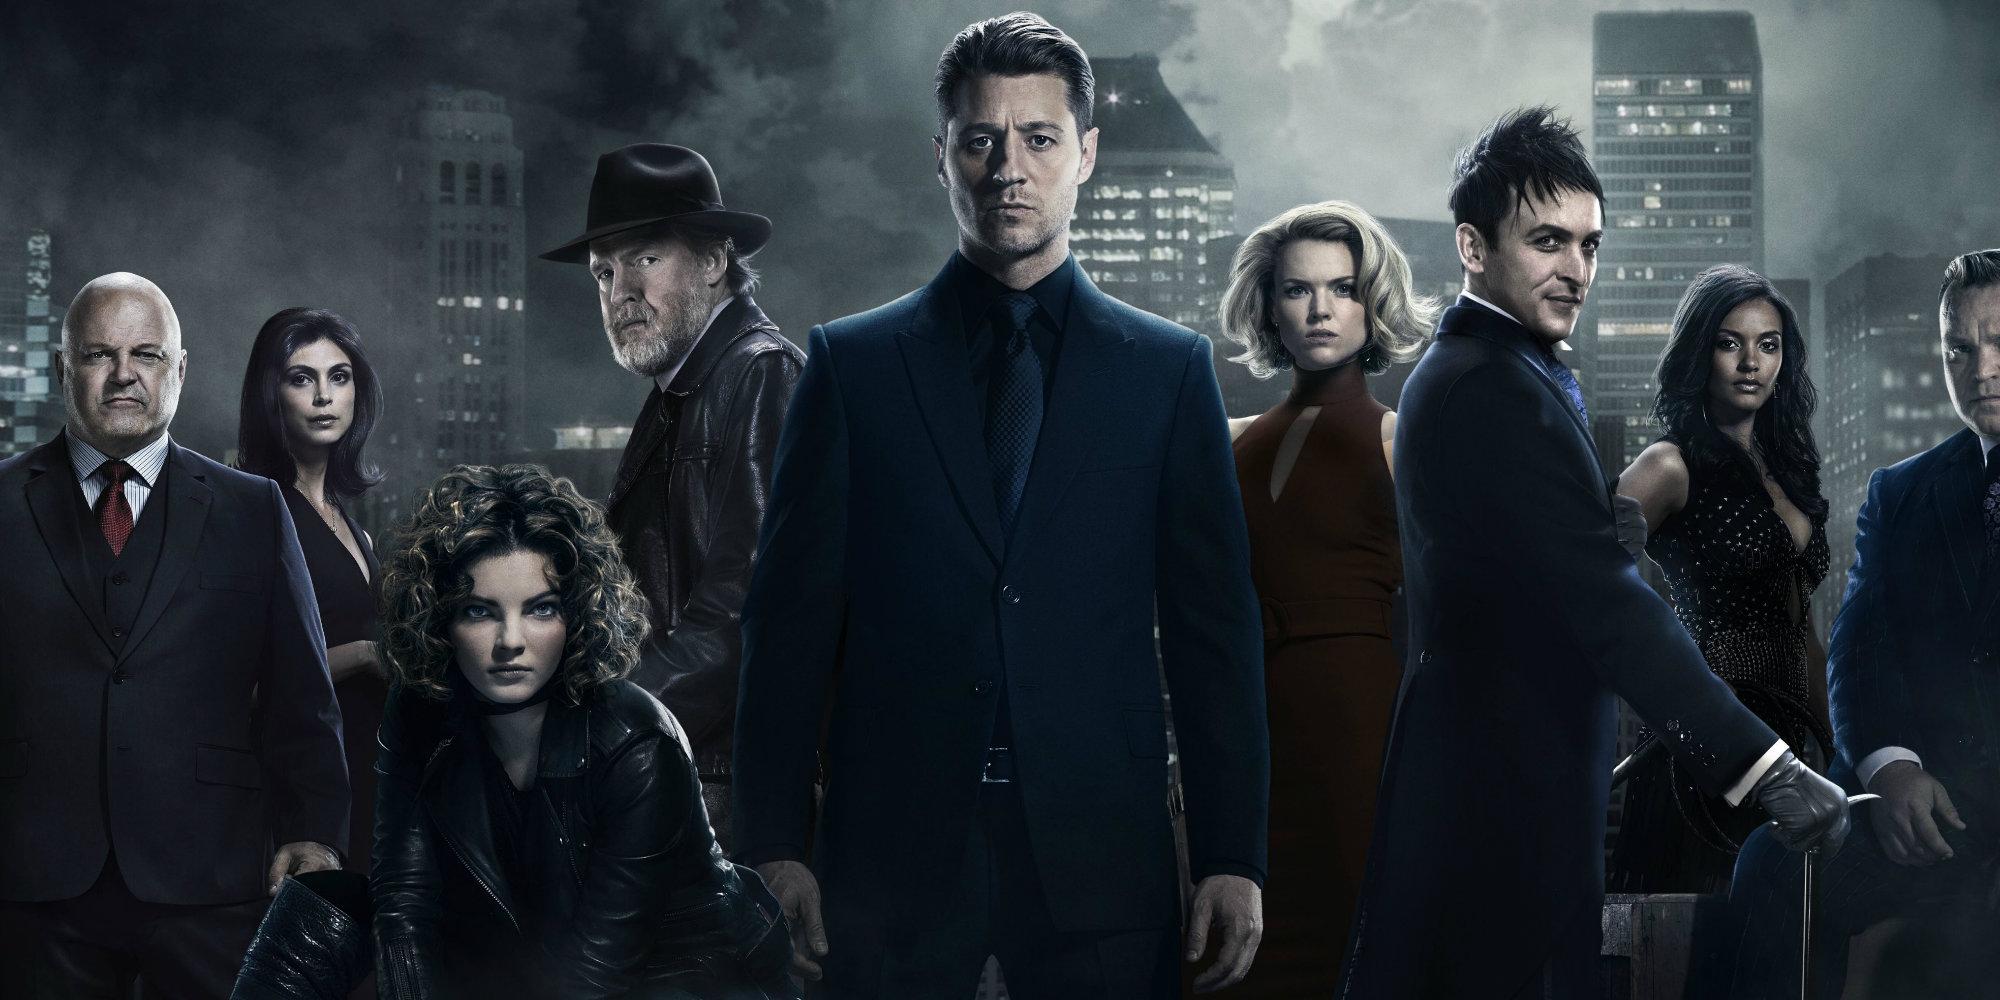 Итоги 2010-х: 10 лучших фантастических сериалов поверсии читателей МФ 4